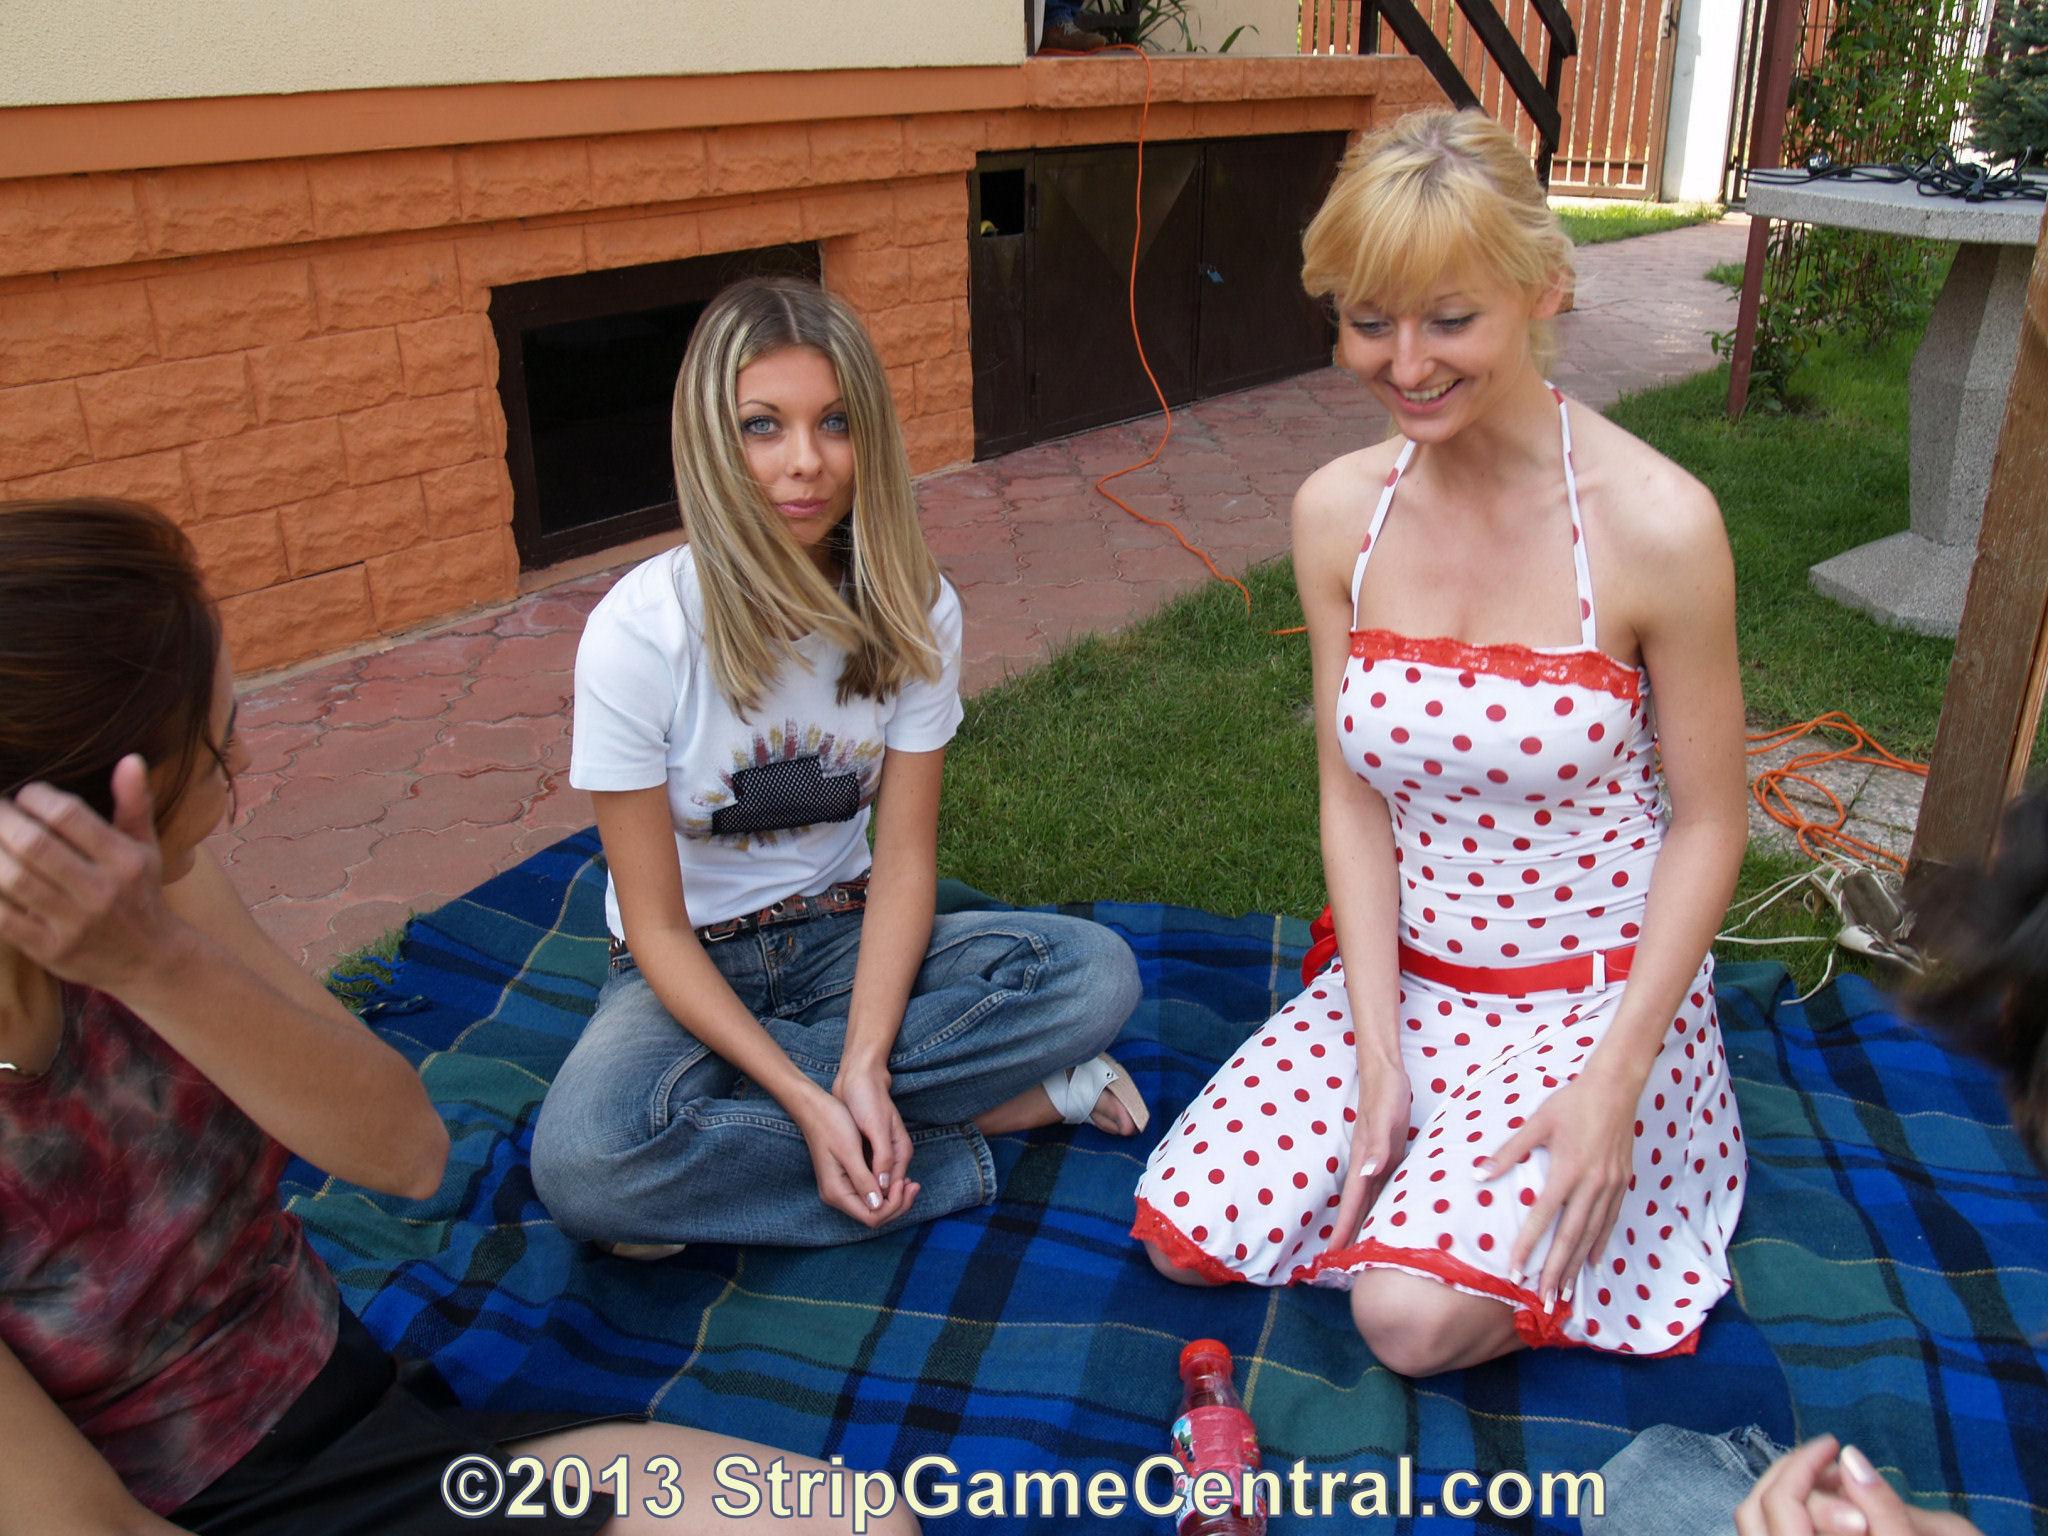 StripGameCentral:- Sabrielle